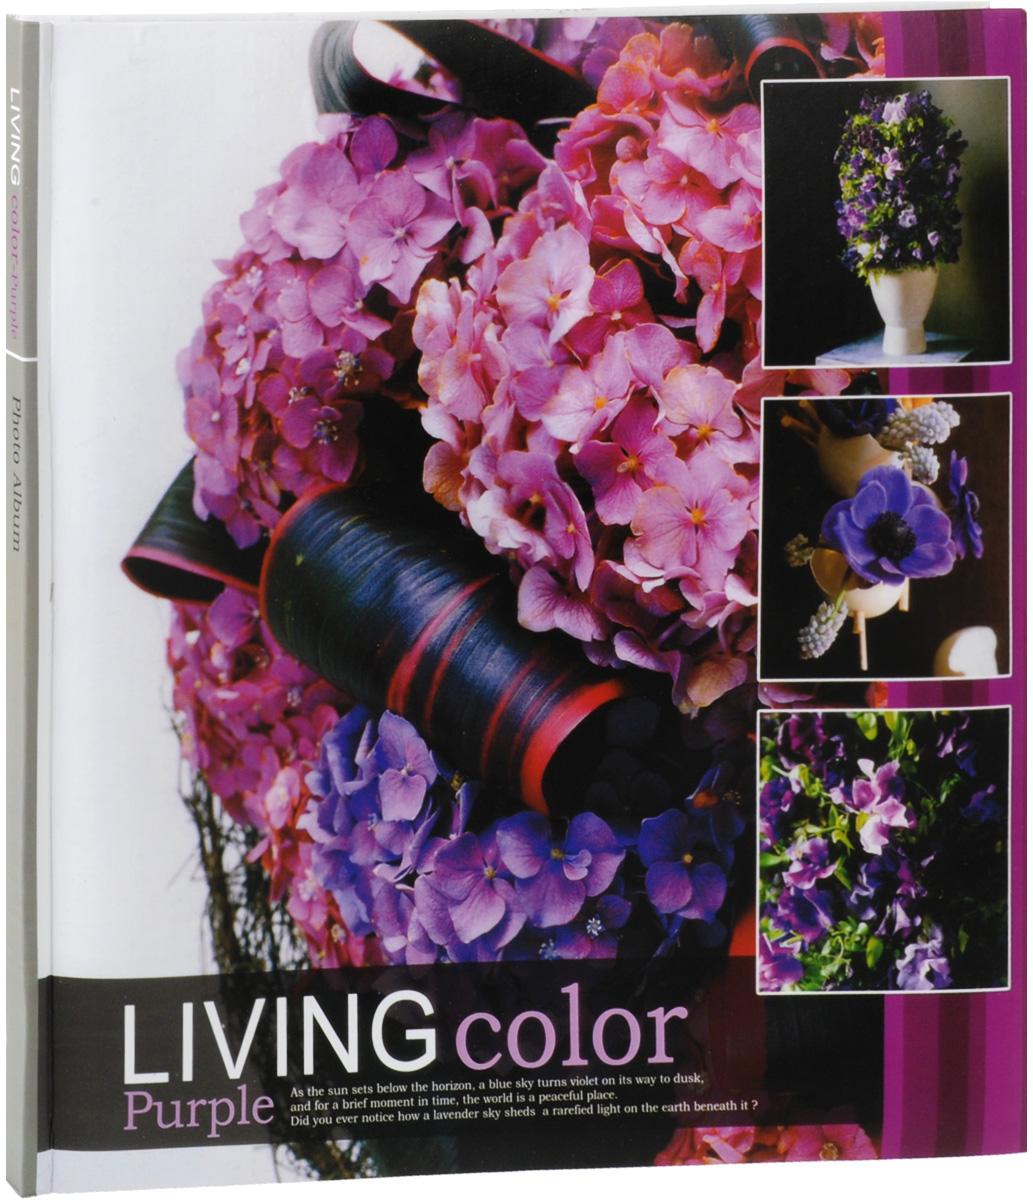 Фотоальбом Pioneer Living Color, 10 магнитных листов, 32 х 32 смБрелок для ключейФотоальбом Pioneer Living Color, изготовленный из картона с клеевым покрытием и пленки ПВХ, сохранит моменты ваших счастливых мгновений на своих страницах! Обложка оформлена изображением цветов. Альбом с магнитными листами удобен тем, что он позволяет размещать фотографии разных размеров. Листы декорированы изображением желтых роз. Переплет книжный. Магнитные страницы обладают следующими преимуществами: - Не нужно прикладывать усилий для закрепления фотографий; - Не нужно заботиться о размерах фотографий, так как вы можете вставить в альбом фотографии разных размеров (максимальный размер фотографии 31,5 см х 31,7 см).Нам всегда так приятно вспоминать о самых счастливых моментах жизни, запечатленных на фотографиях. Поэтому фотоальбом является универсальным подарком к любому празднику. Вашим родным, близким и просто знакомым будет приятно помещать фотографии в этот альбом.Количество листов: 10 шт.Размер листа: 32 см х 32 см.